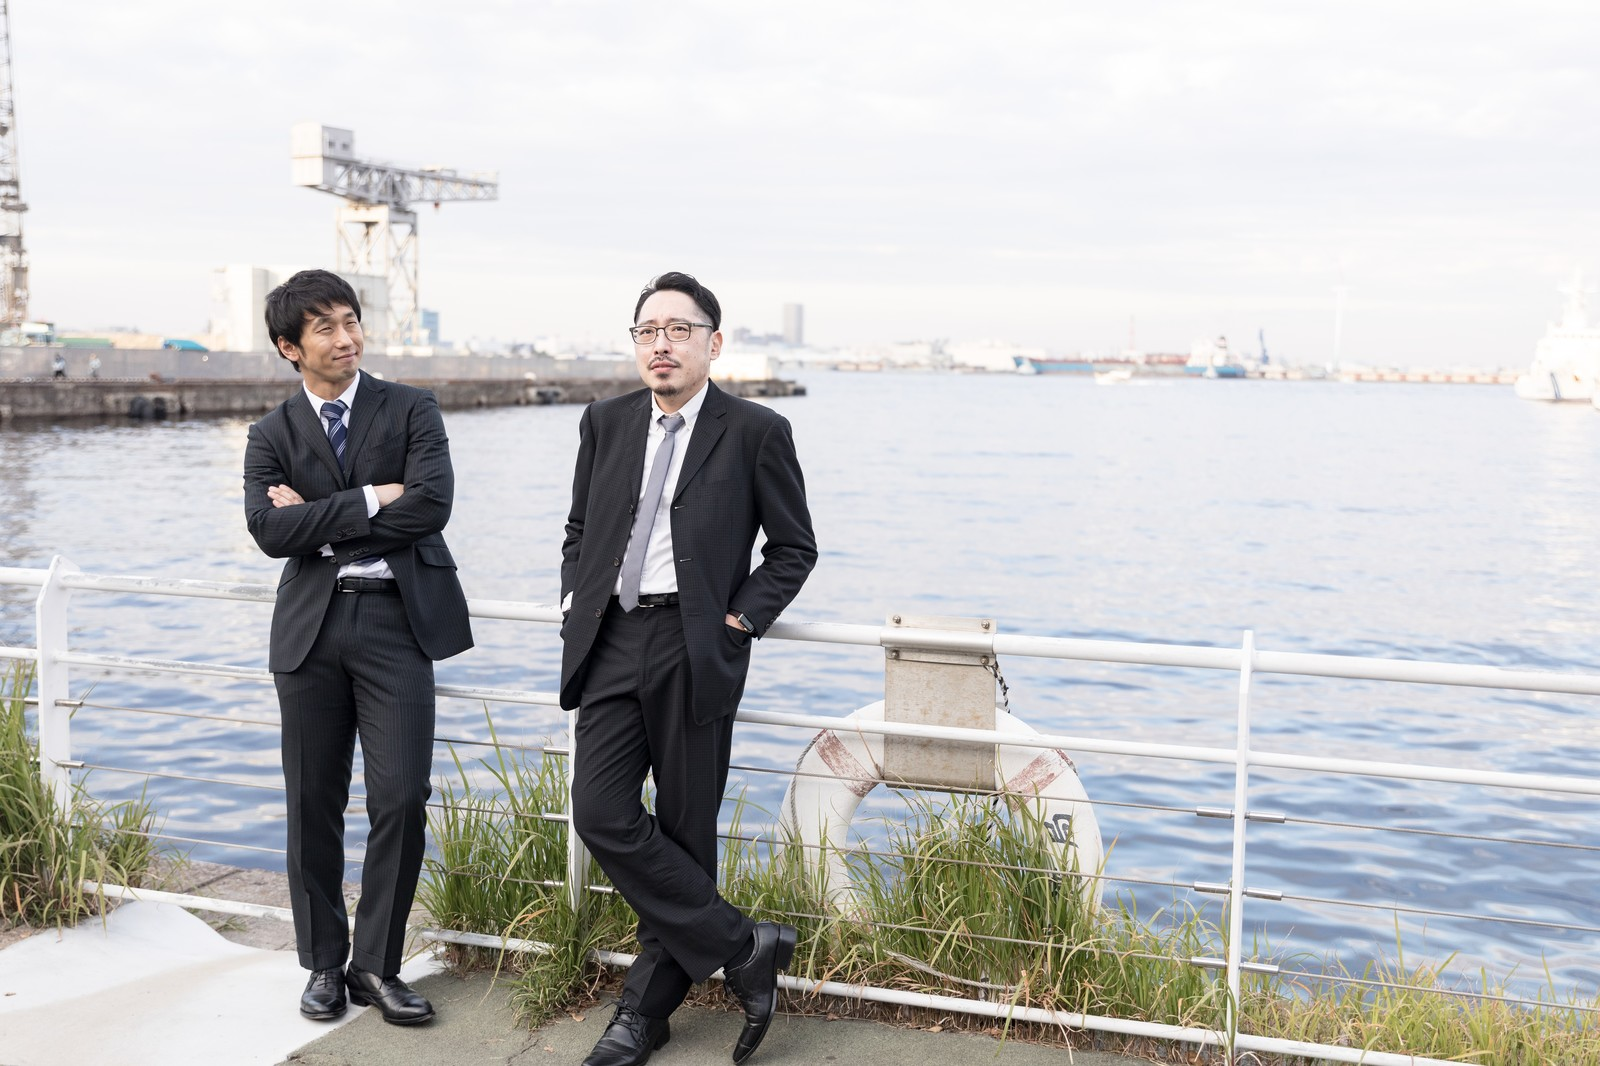 「港でたそがれる刑事2名」の写真[モデル:大川竜弥 ゆうせい]